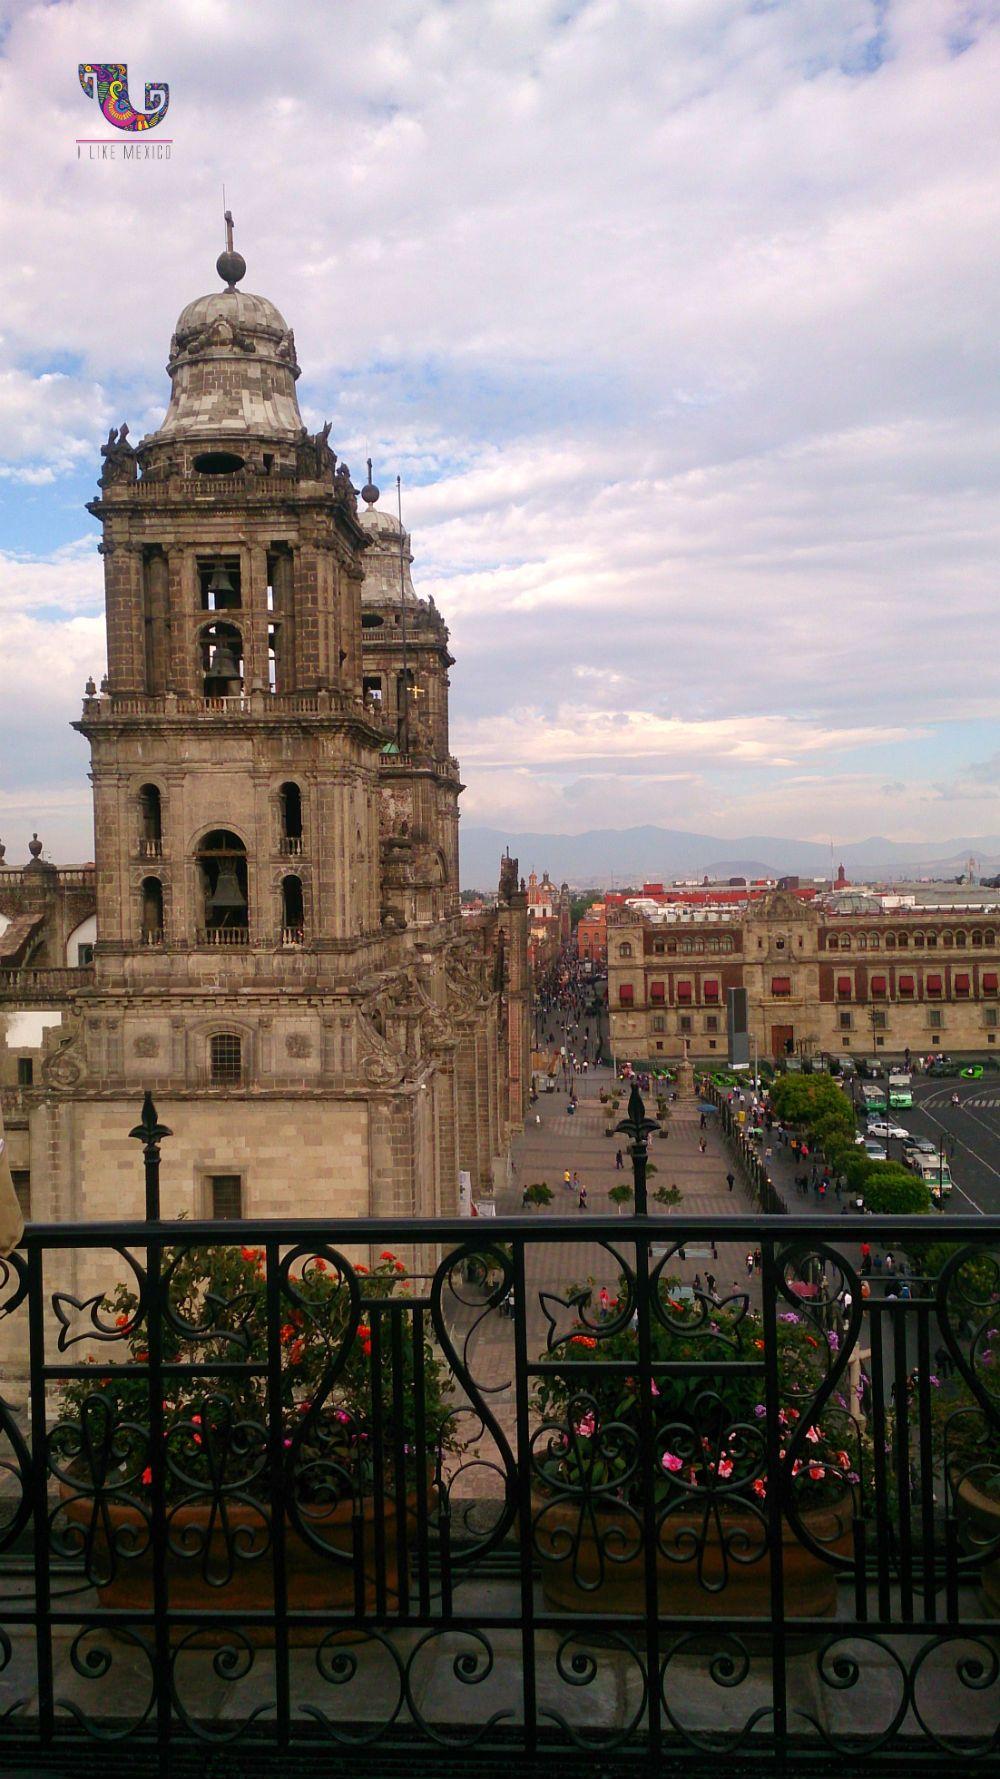 Torres de la Catedral Metropolitana y #Zócalo de la #CDMX. #Turismo #México #Viajes #Landscapes #VíveloParaCreerlo #VistasPanorámicas #Diversión